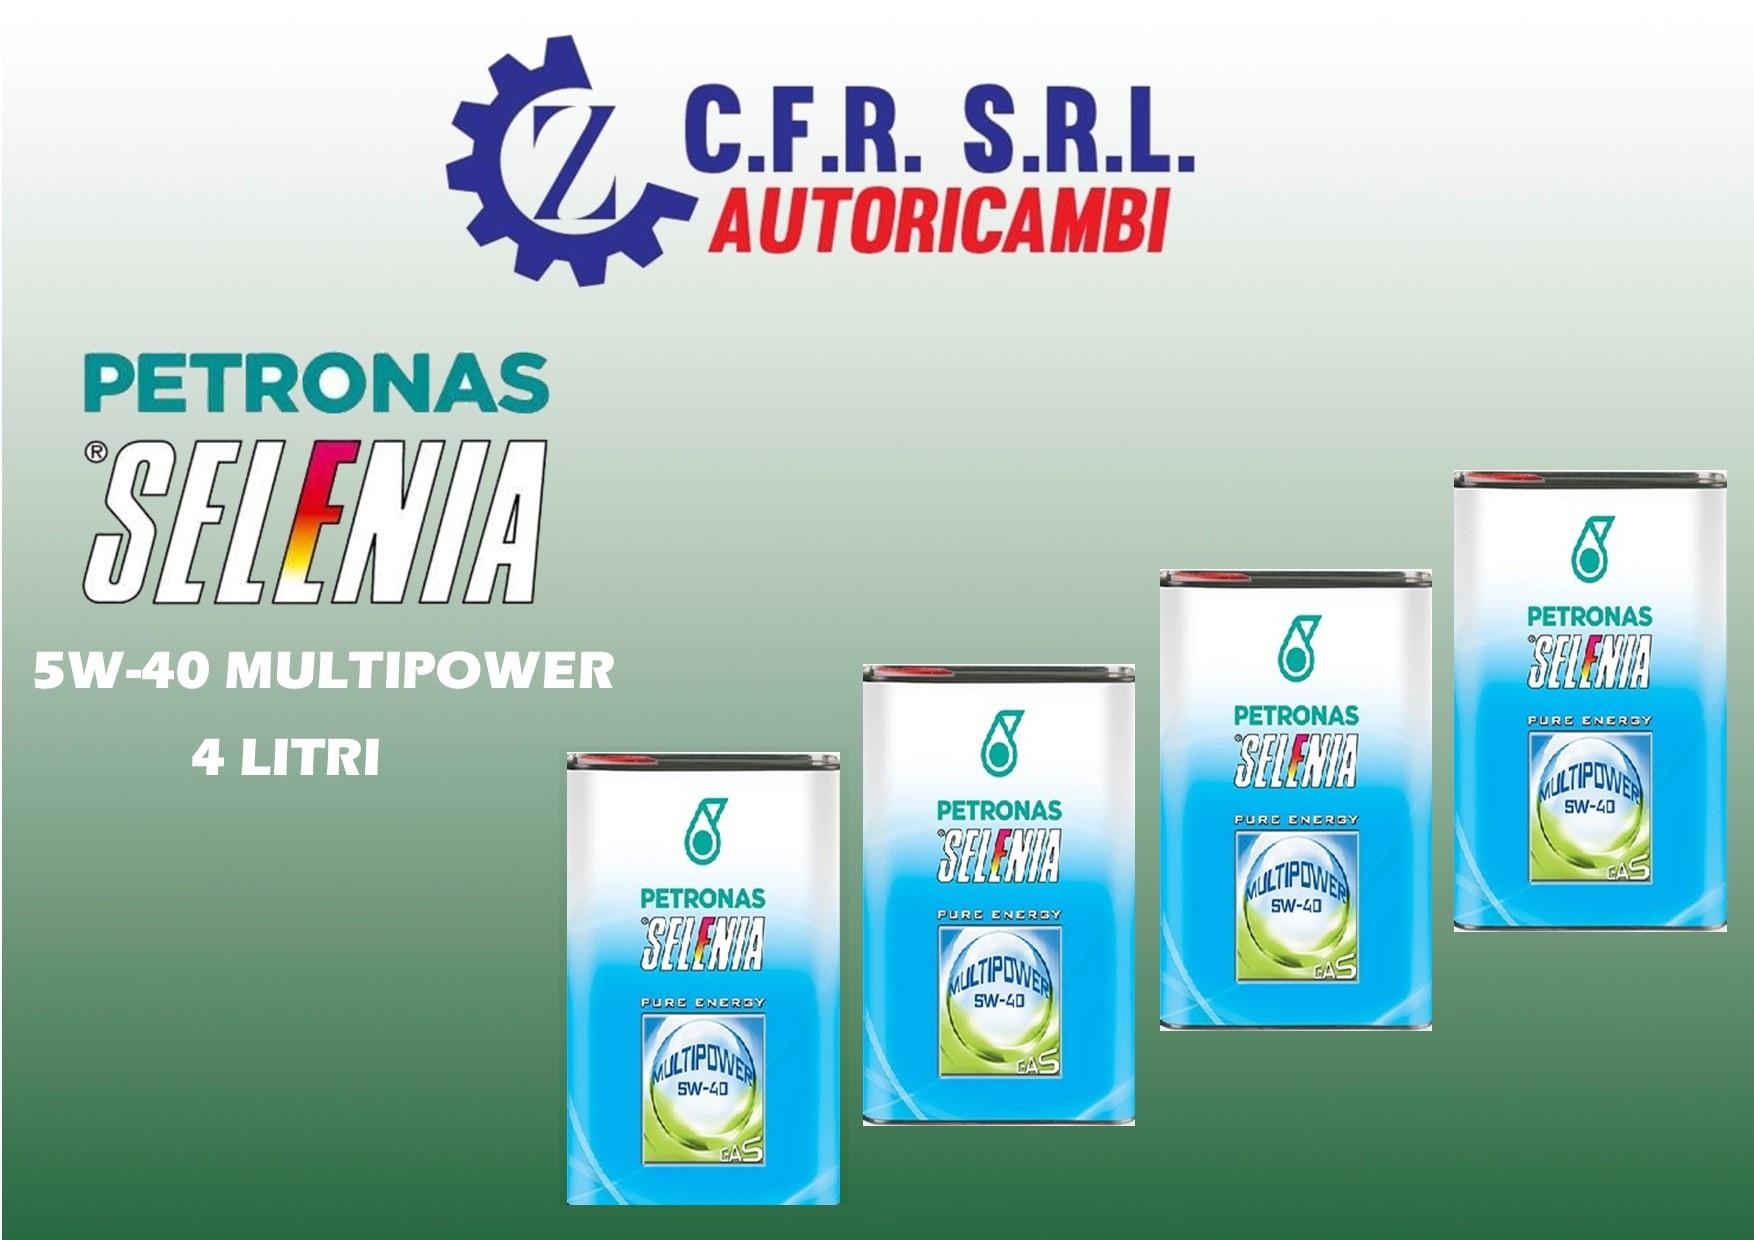 4PZ OLIO LUBRIFICANTE SELENIA MULTIPOWER 5W-40 GAS E METANO